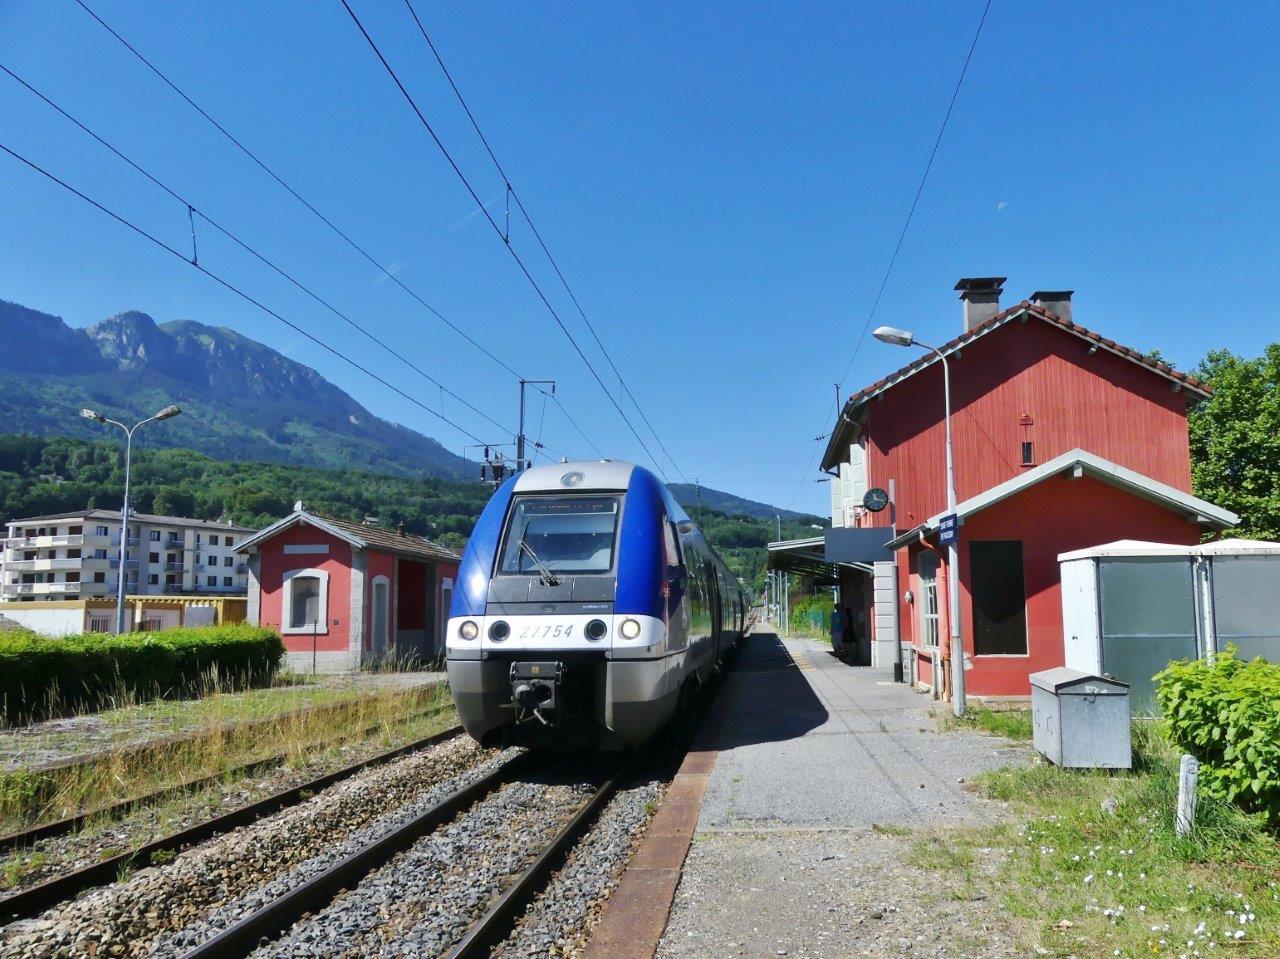 gare-de-saint-pierre-en-faucigny-train-station